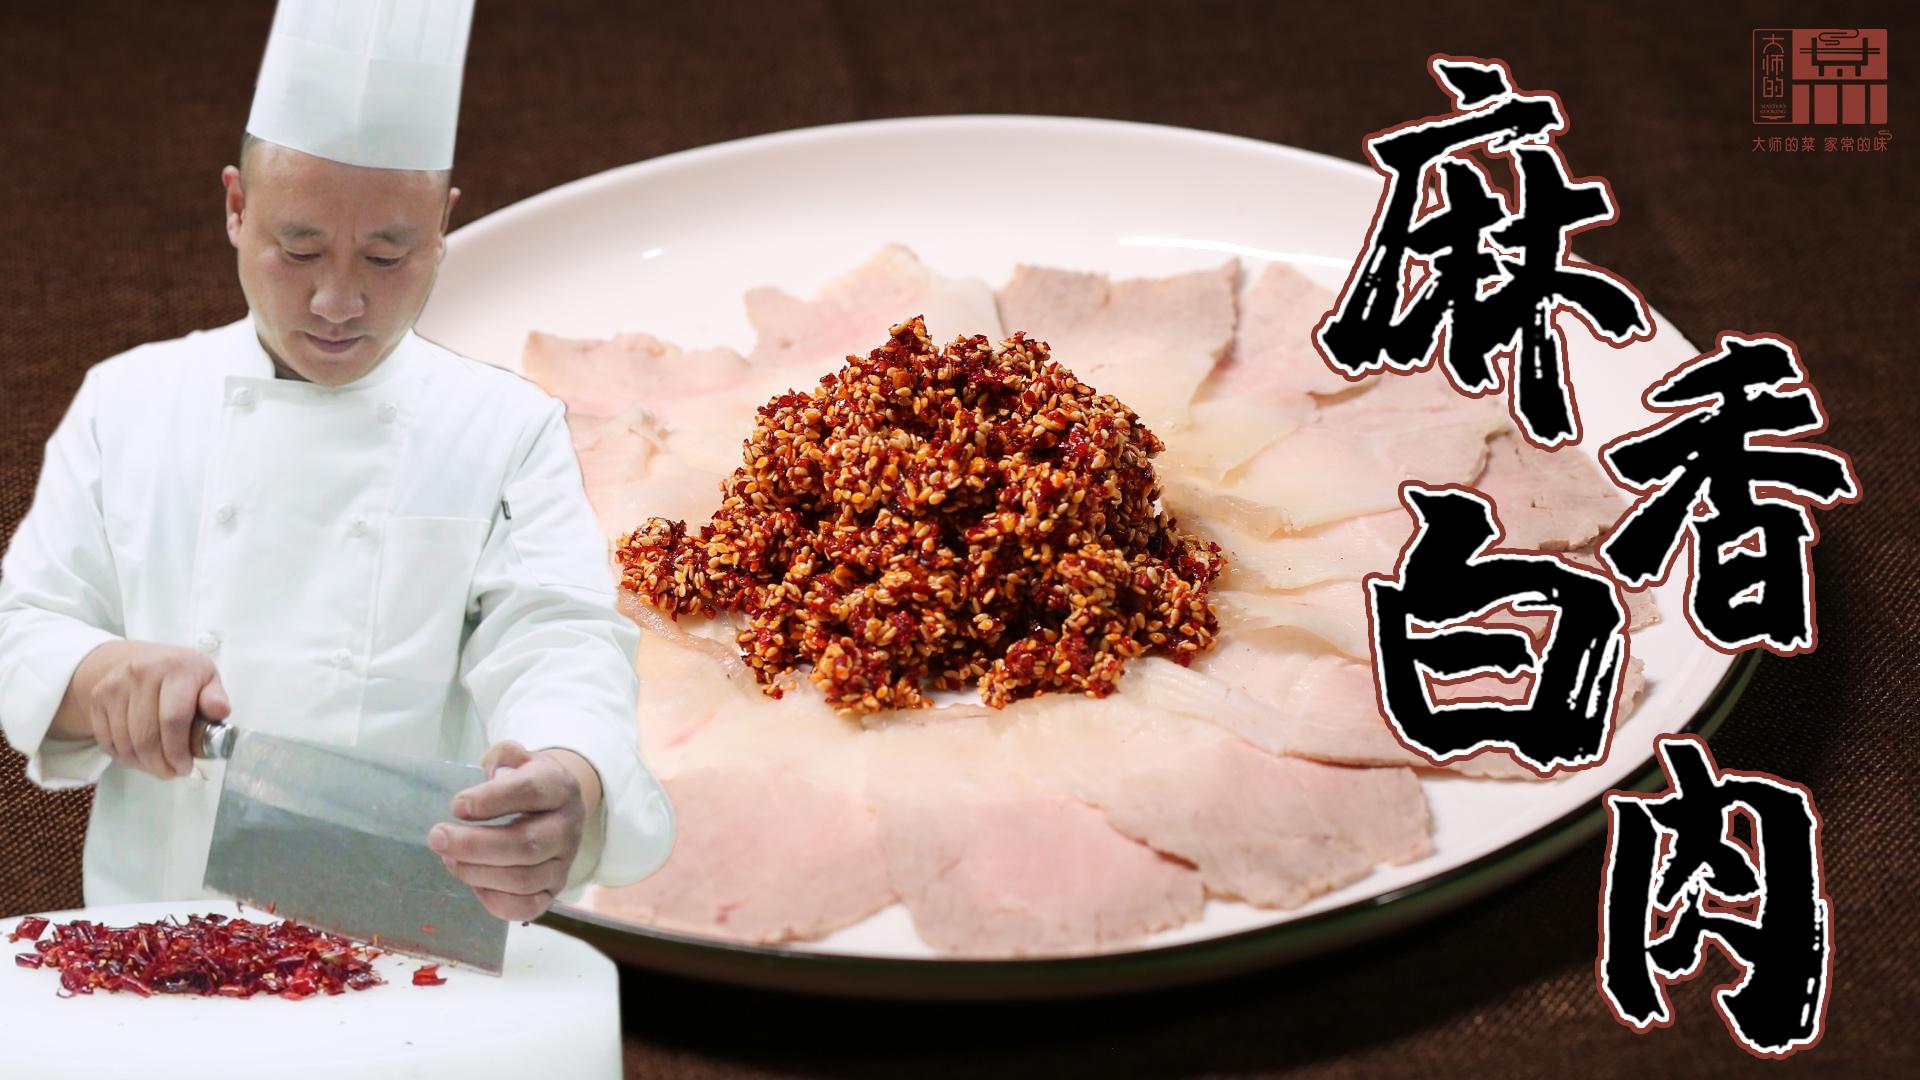 【大师的菜·麻香白肉】川菜博大精深,白肉这样做,麻辣鲜香,入口化渣!